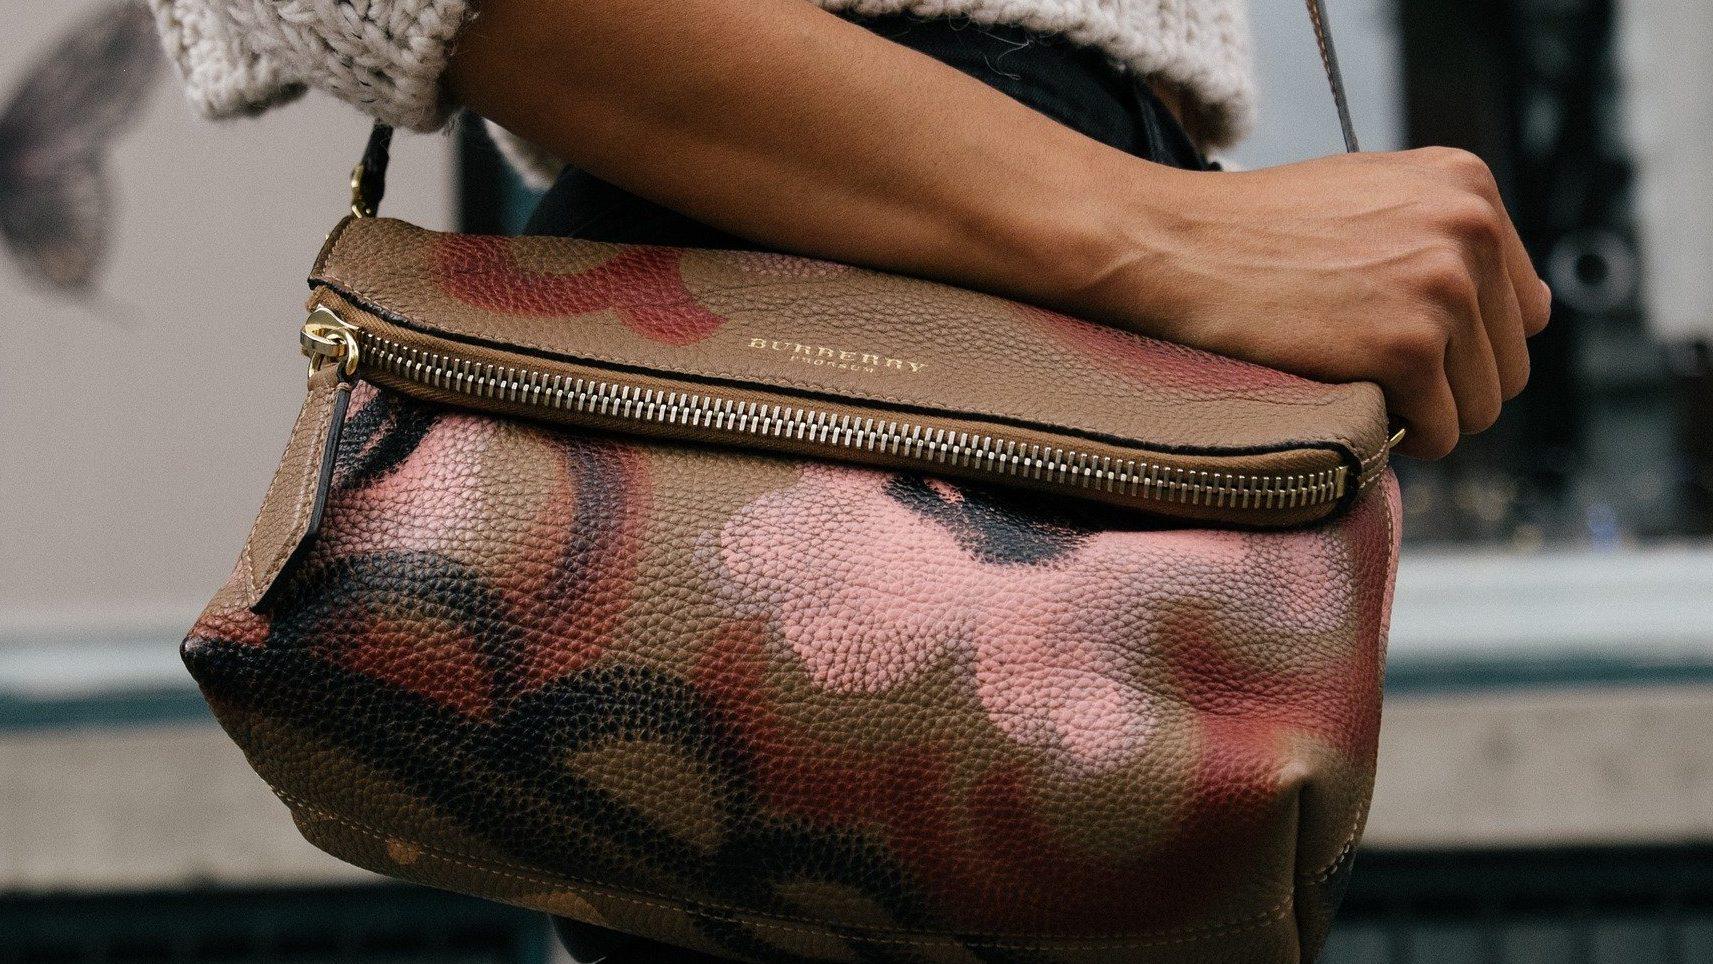 アフタヌーンティーのマザーズバッグのおすすめ10選|おしゃれでシックに